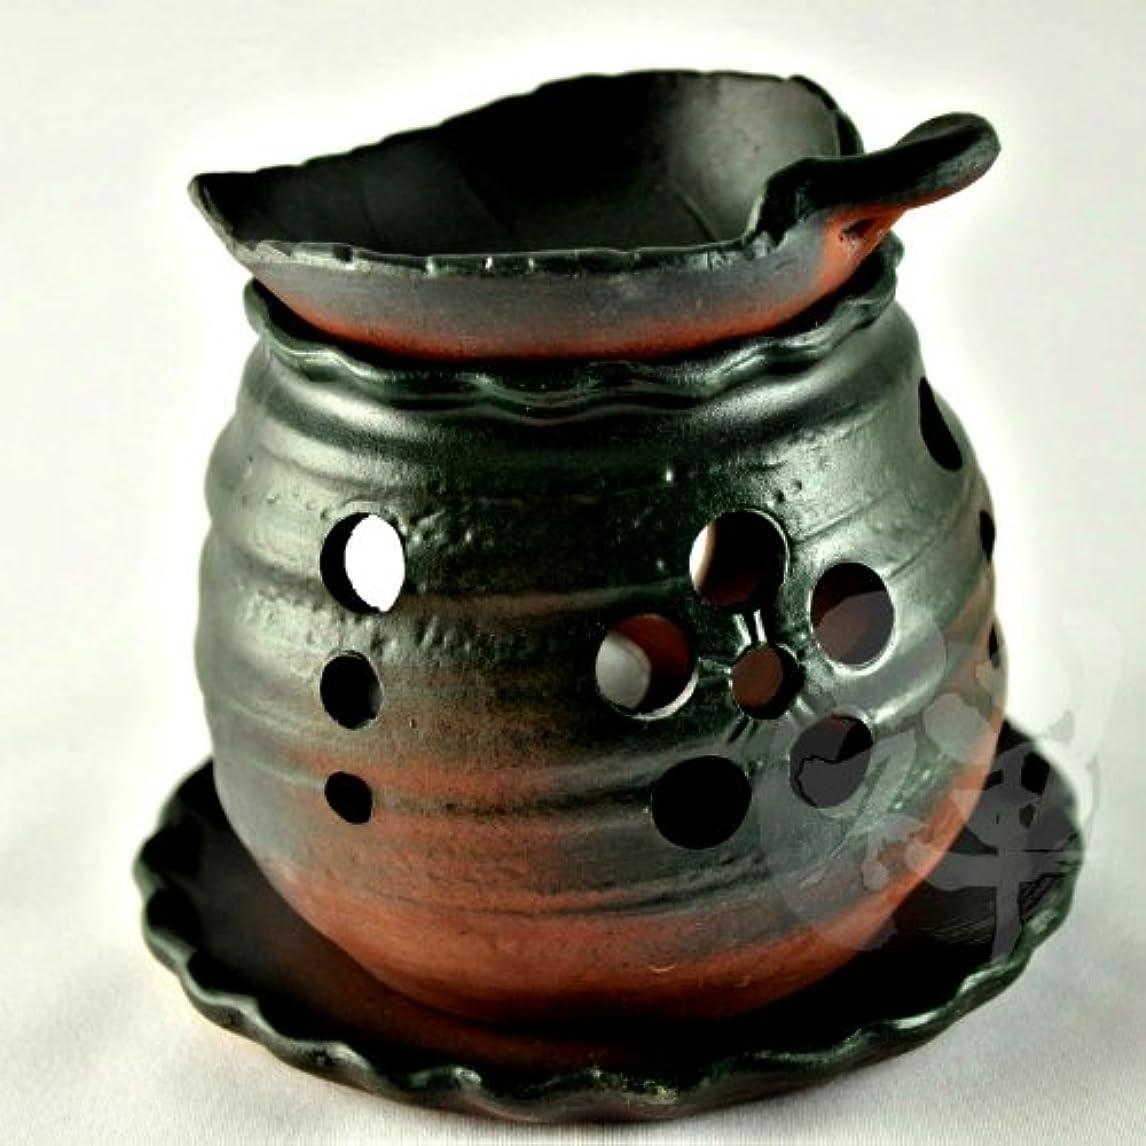 人に関する限り元に戻す北米常滑焼 ゆとり 茶香炉 13.2*11.5cm[2989]